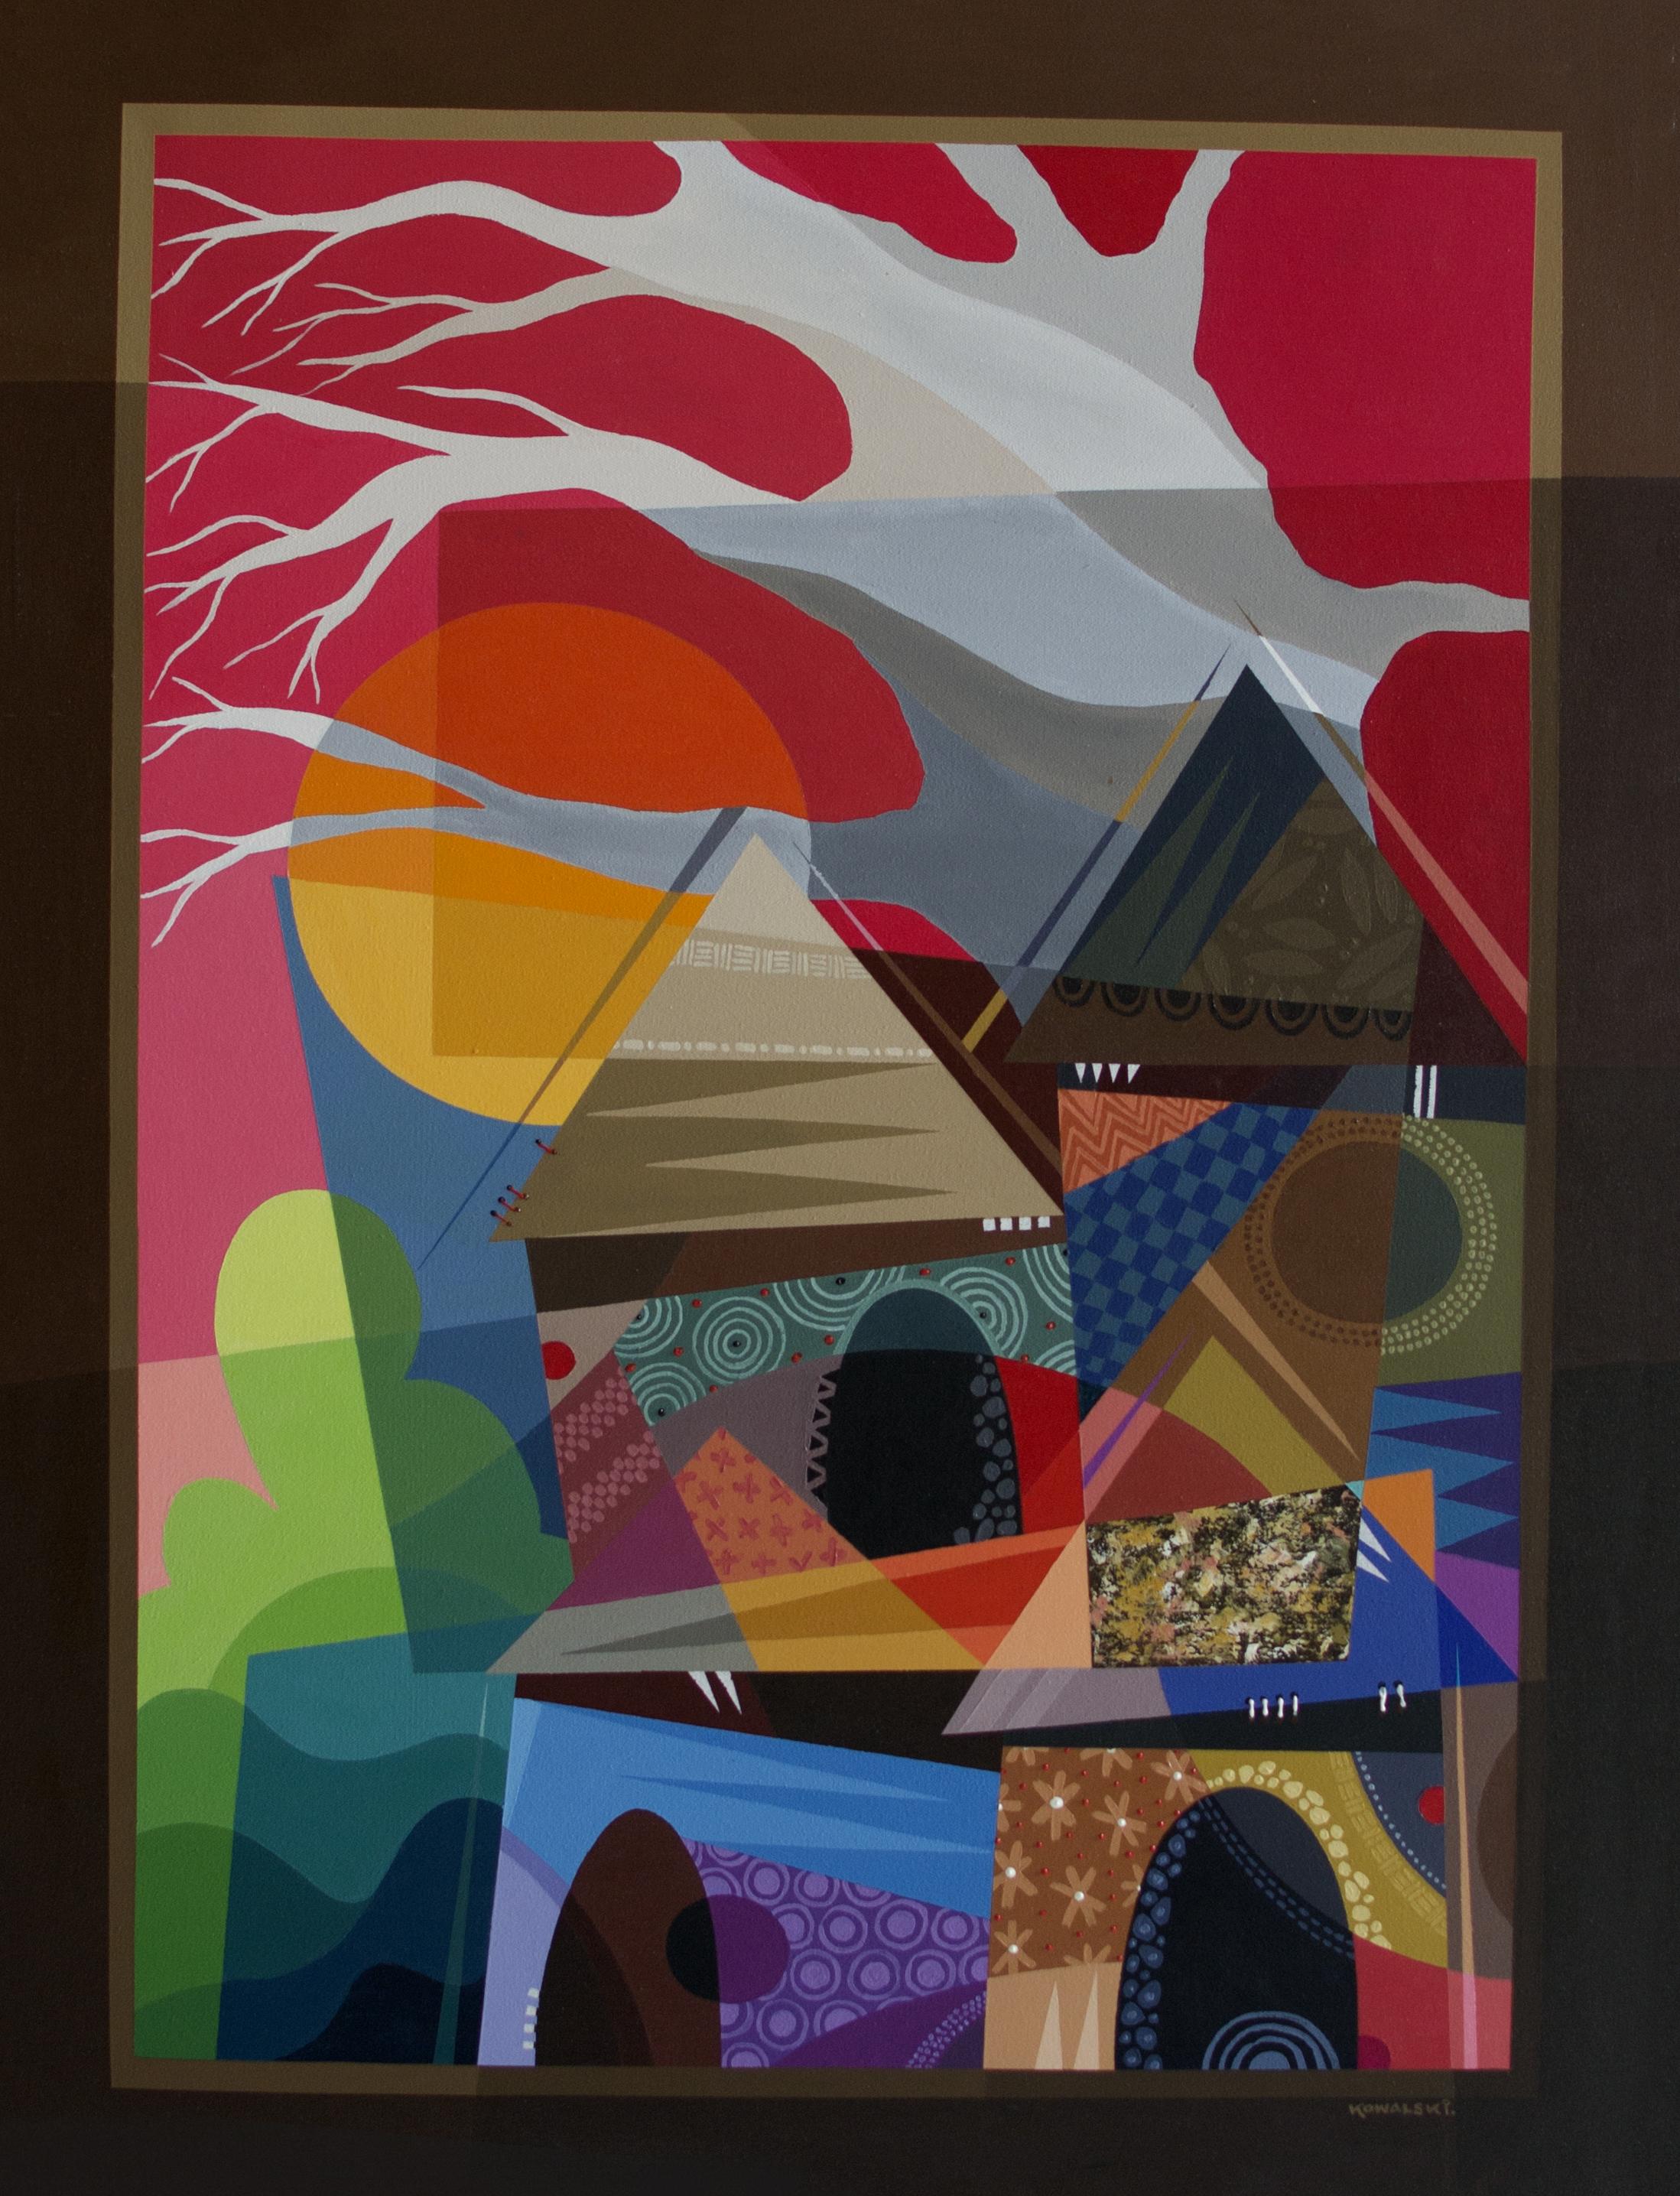 Unyielding Splendour by Nicholas Kowalski